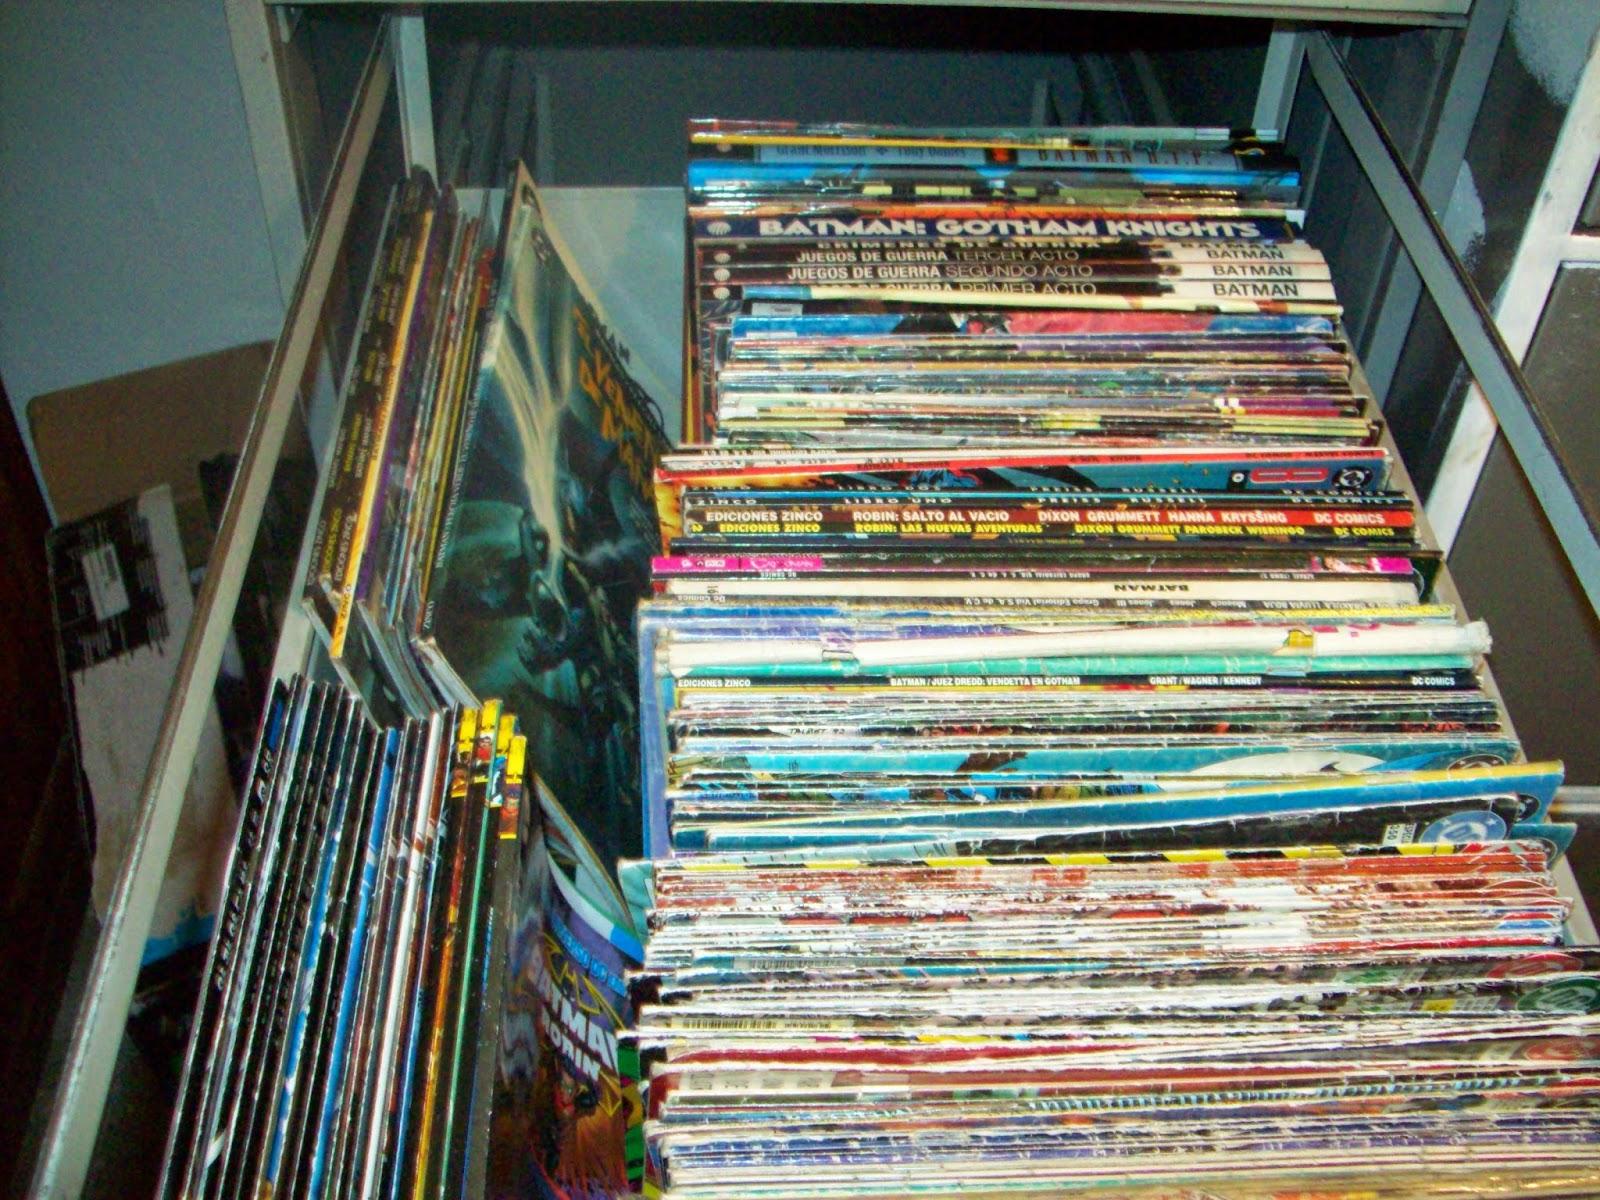 [COMICS] Colecciones de Comics ¿Quién la tiene más grande?  - Página 6 100_5559